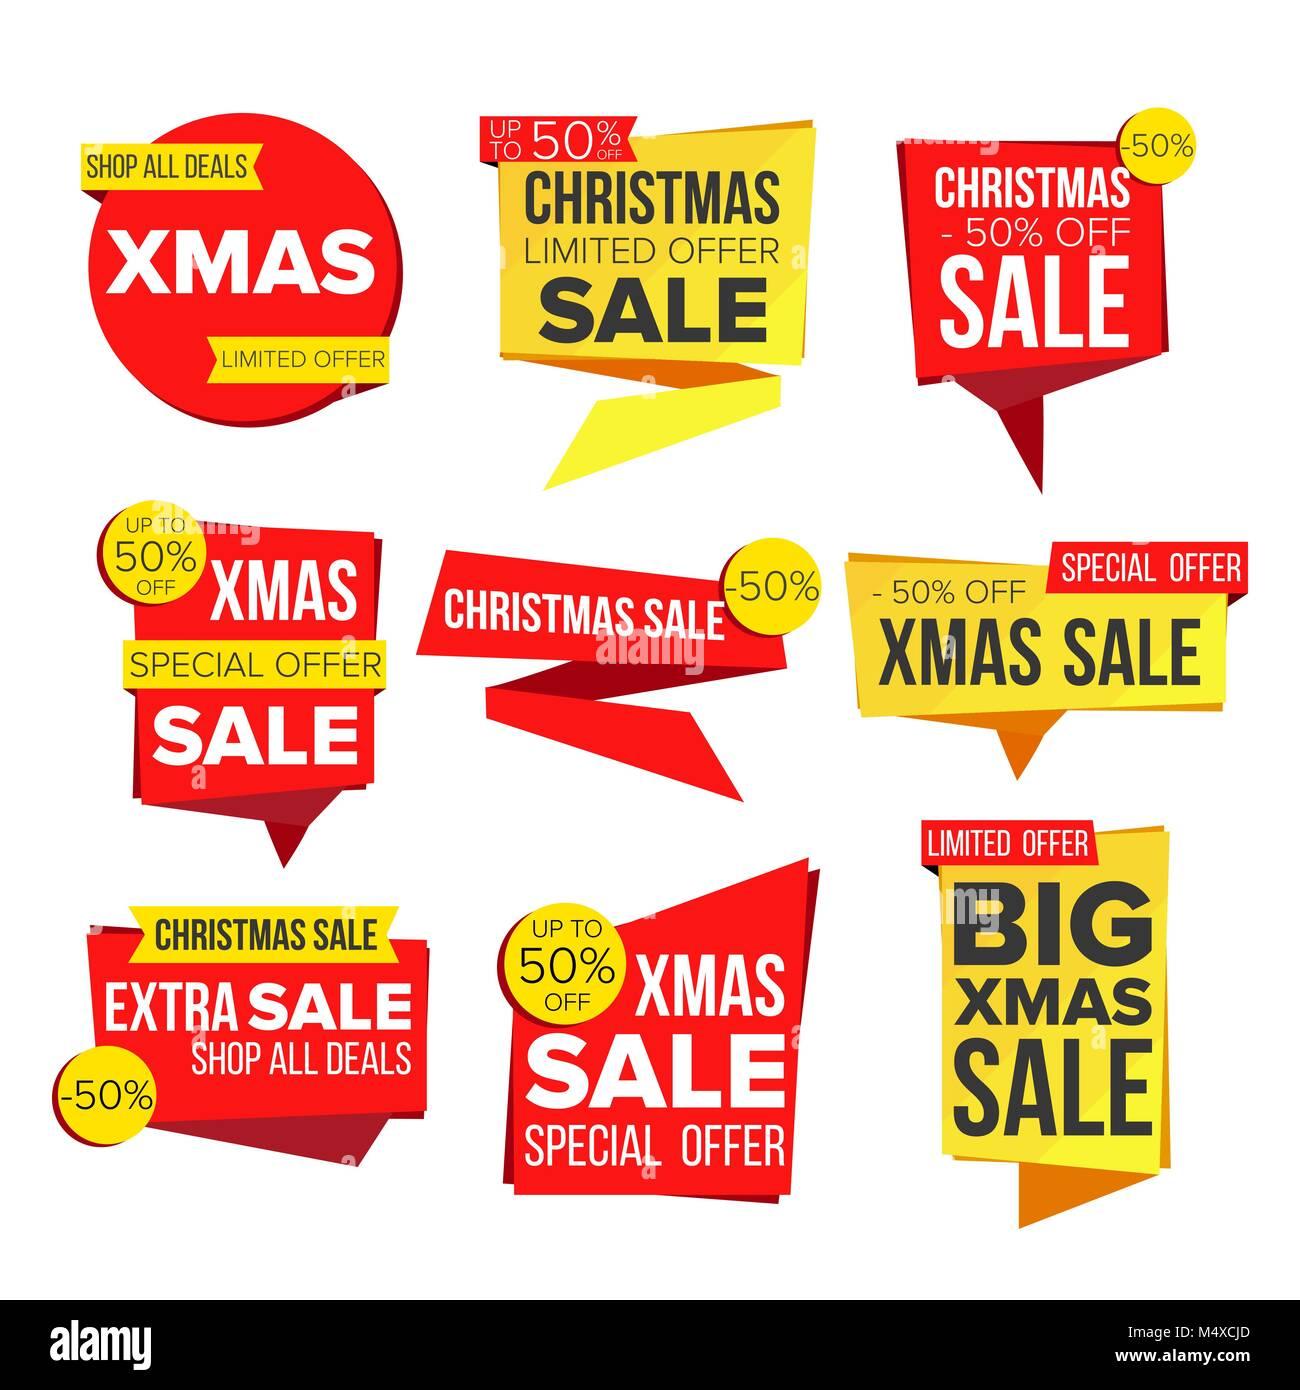 Weihnachten Verkauf Banner Ist Vektor Rabatt Tag Spezielle Xmas